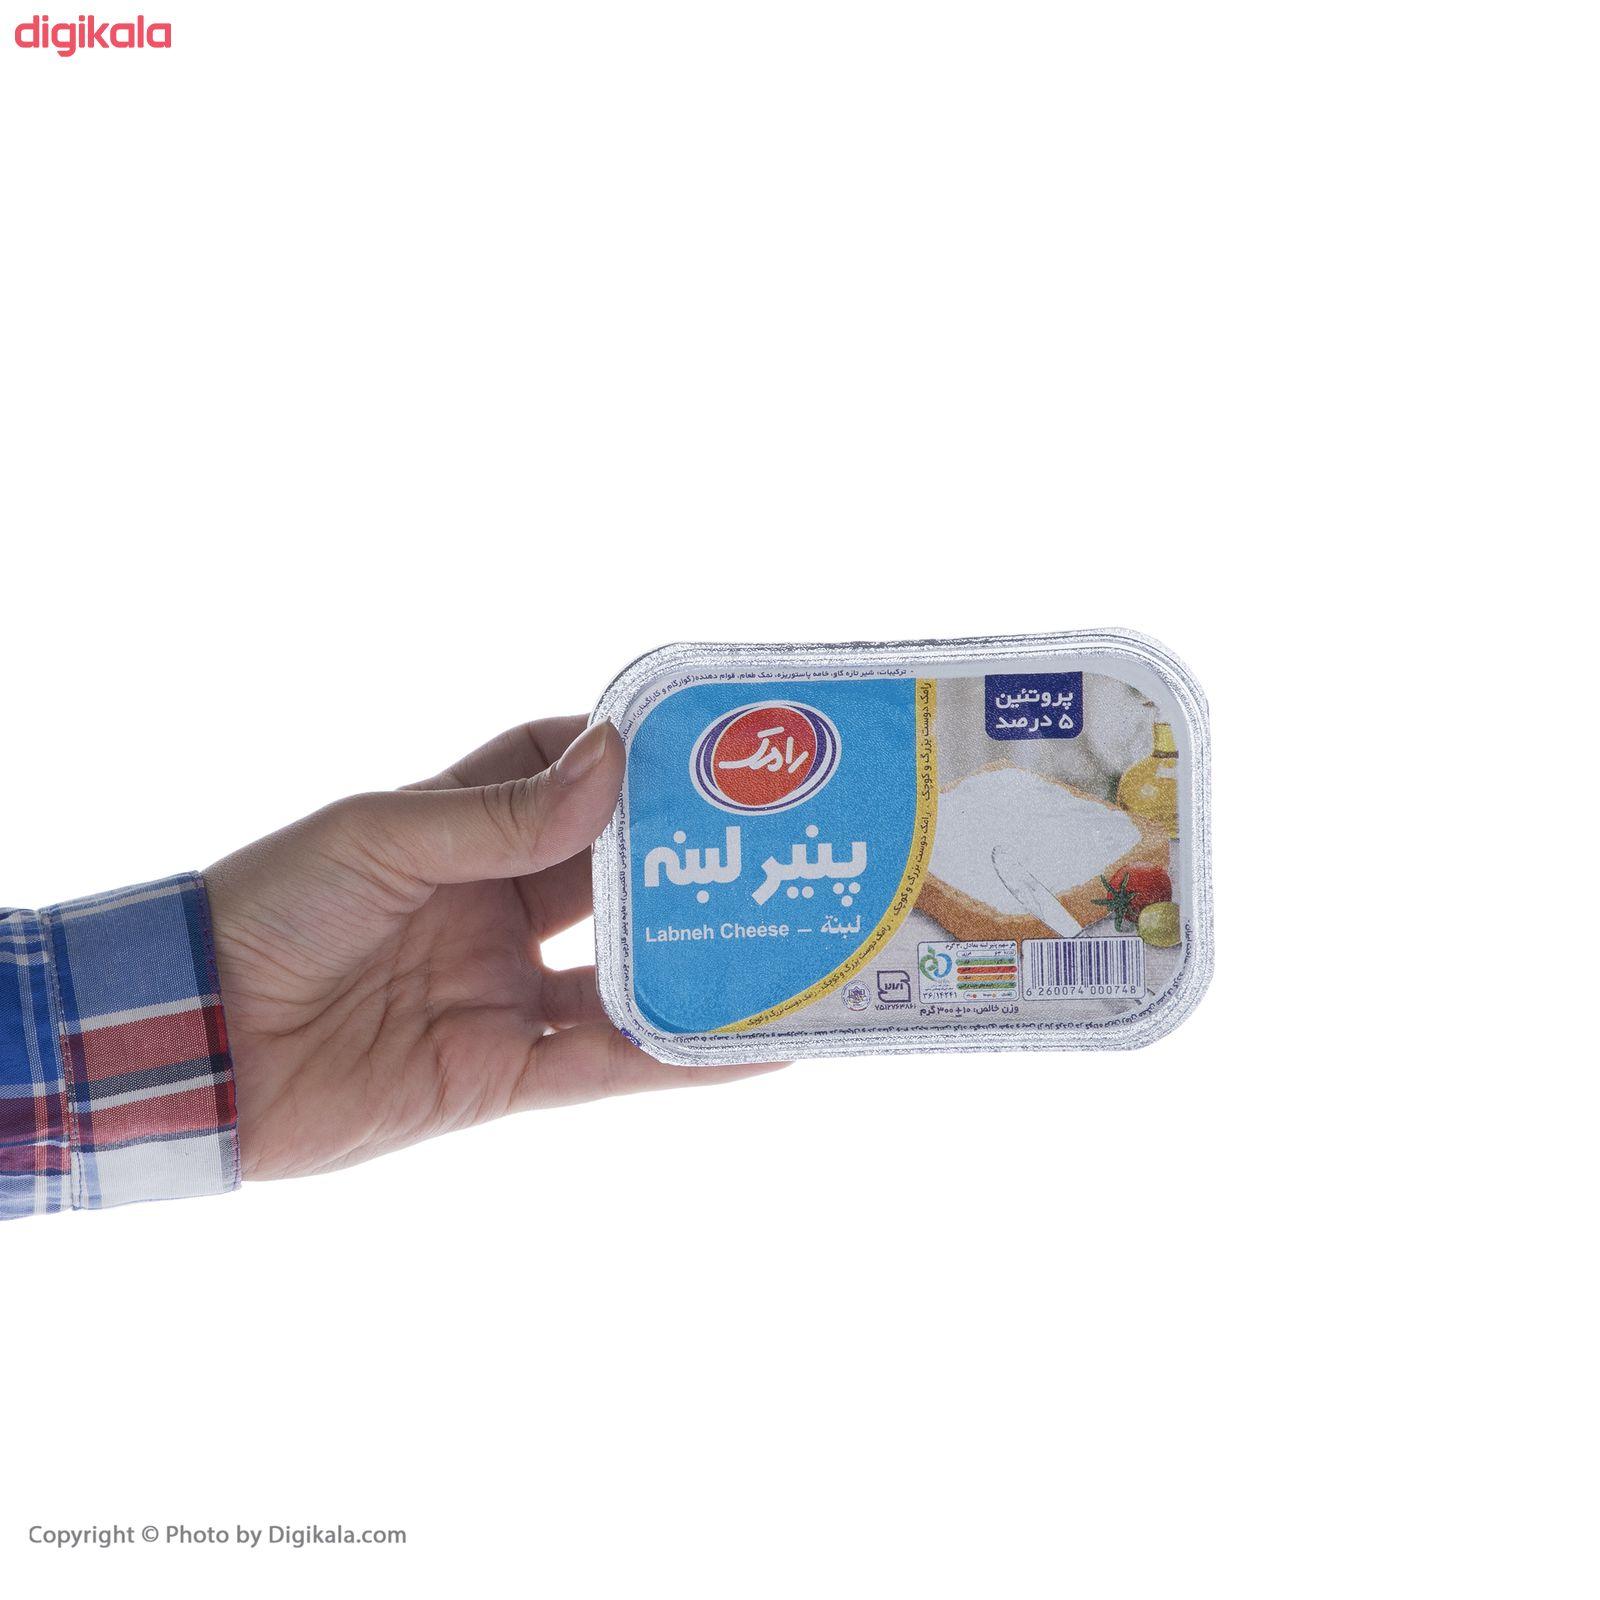 پنیر لبنه رامک وزن 300 گرم main 1 3